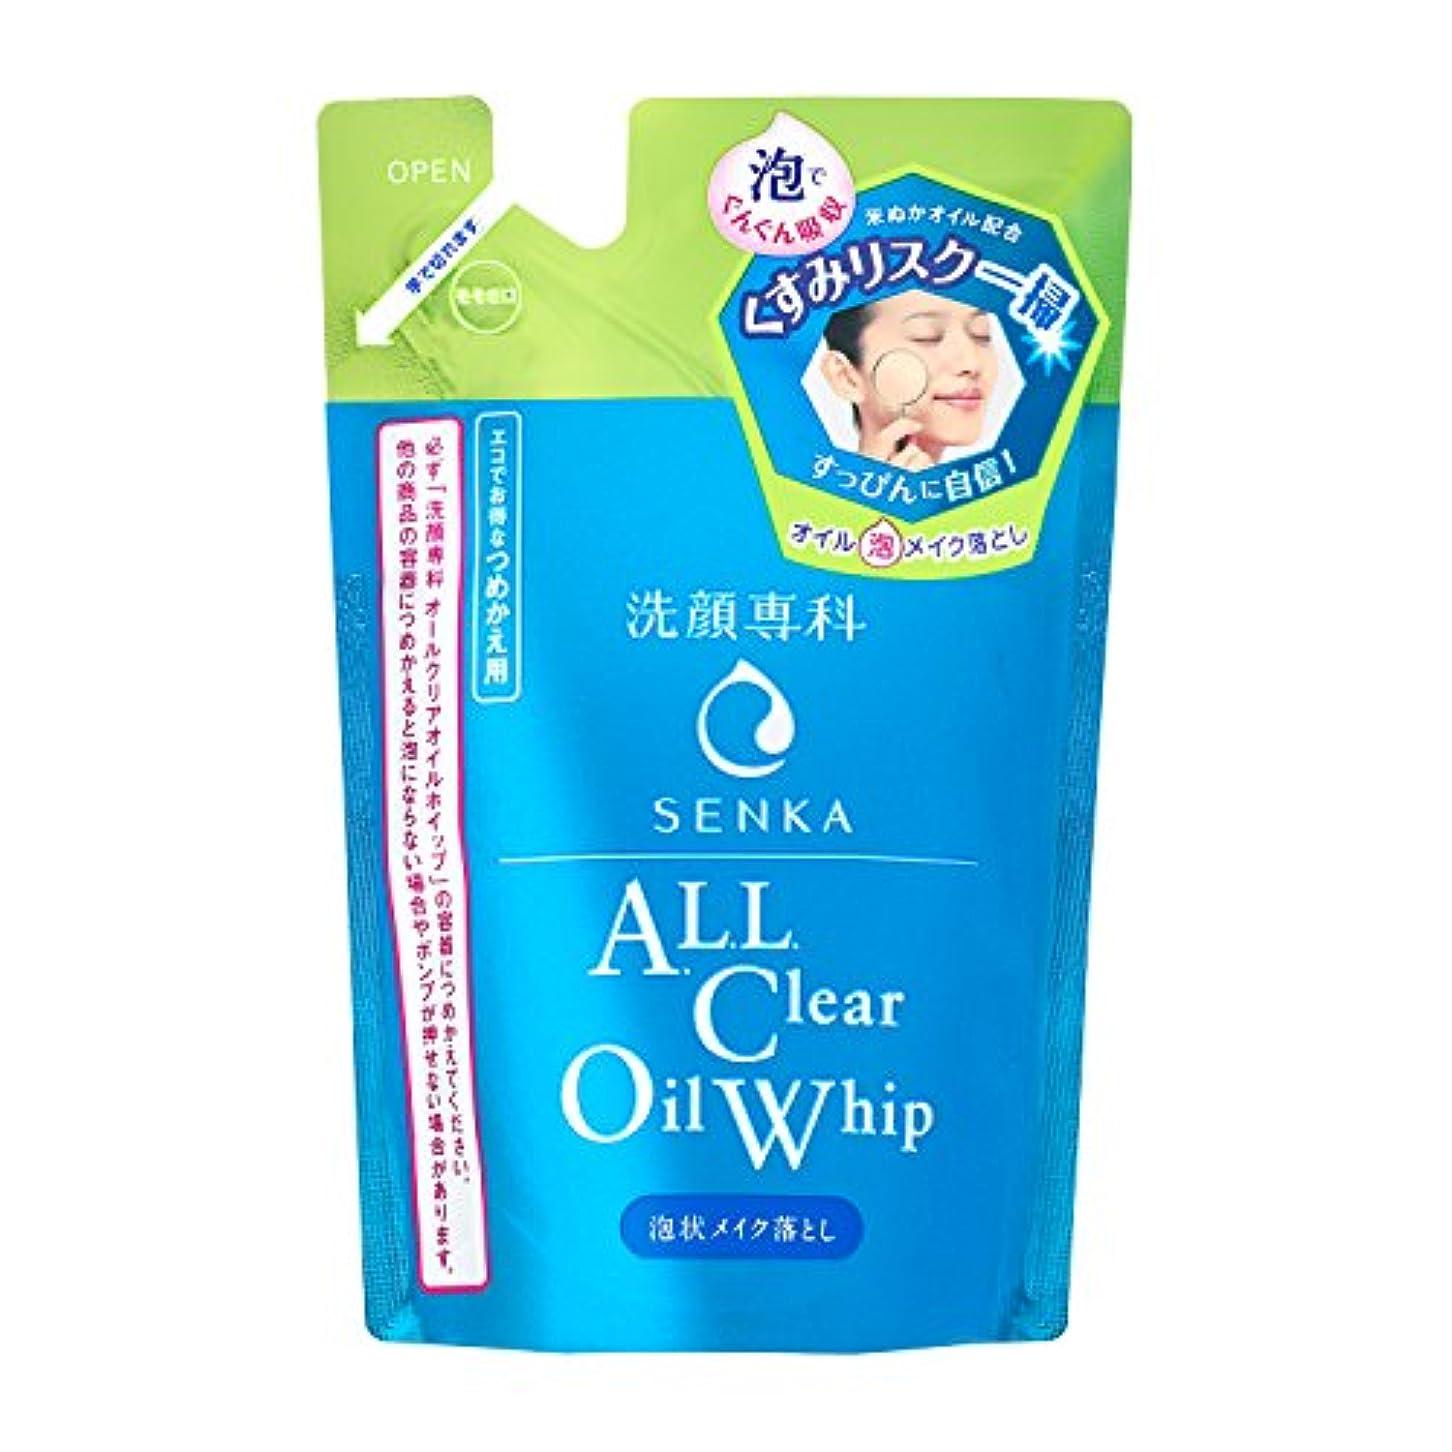 重要な役割を果たす、中心的な手段となる謝る上級洗顔専科 オールクリアオイルホイップ つめかえ用 130mL